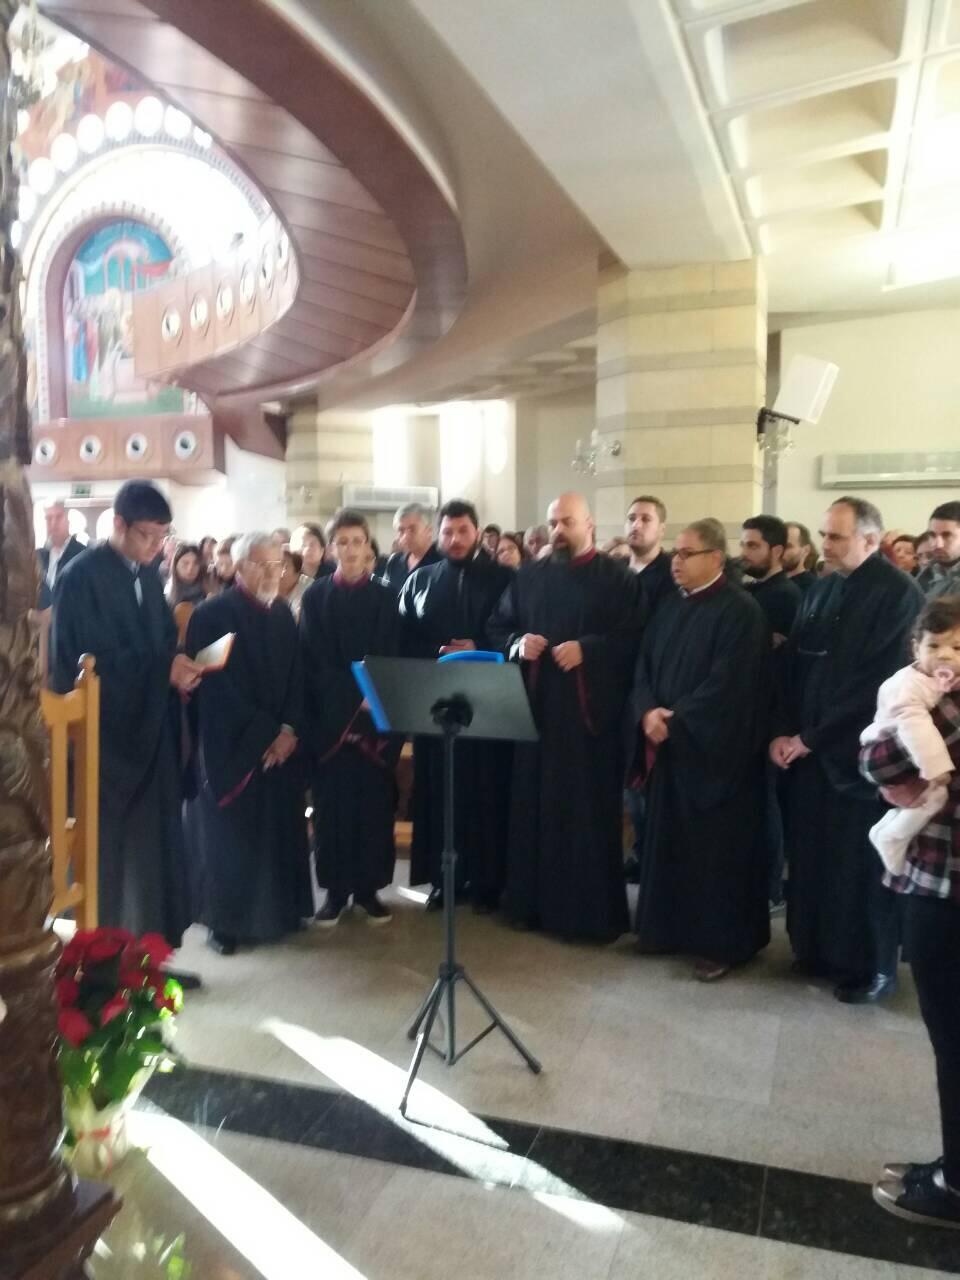 Ιερά Αγρυπνία Ιερός Ναός των Αγίων Κωνσταντίνου και Ελένης Τσερίου Λευκωσίας